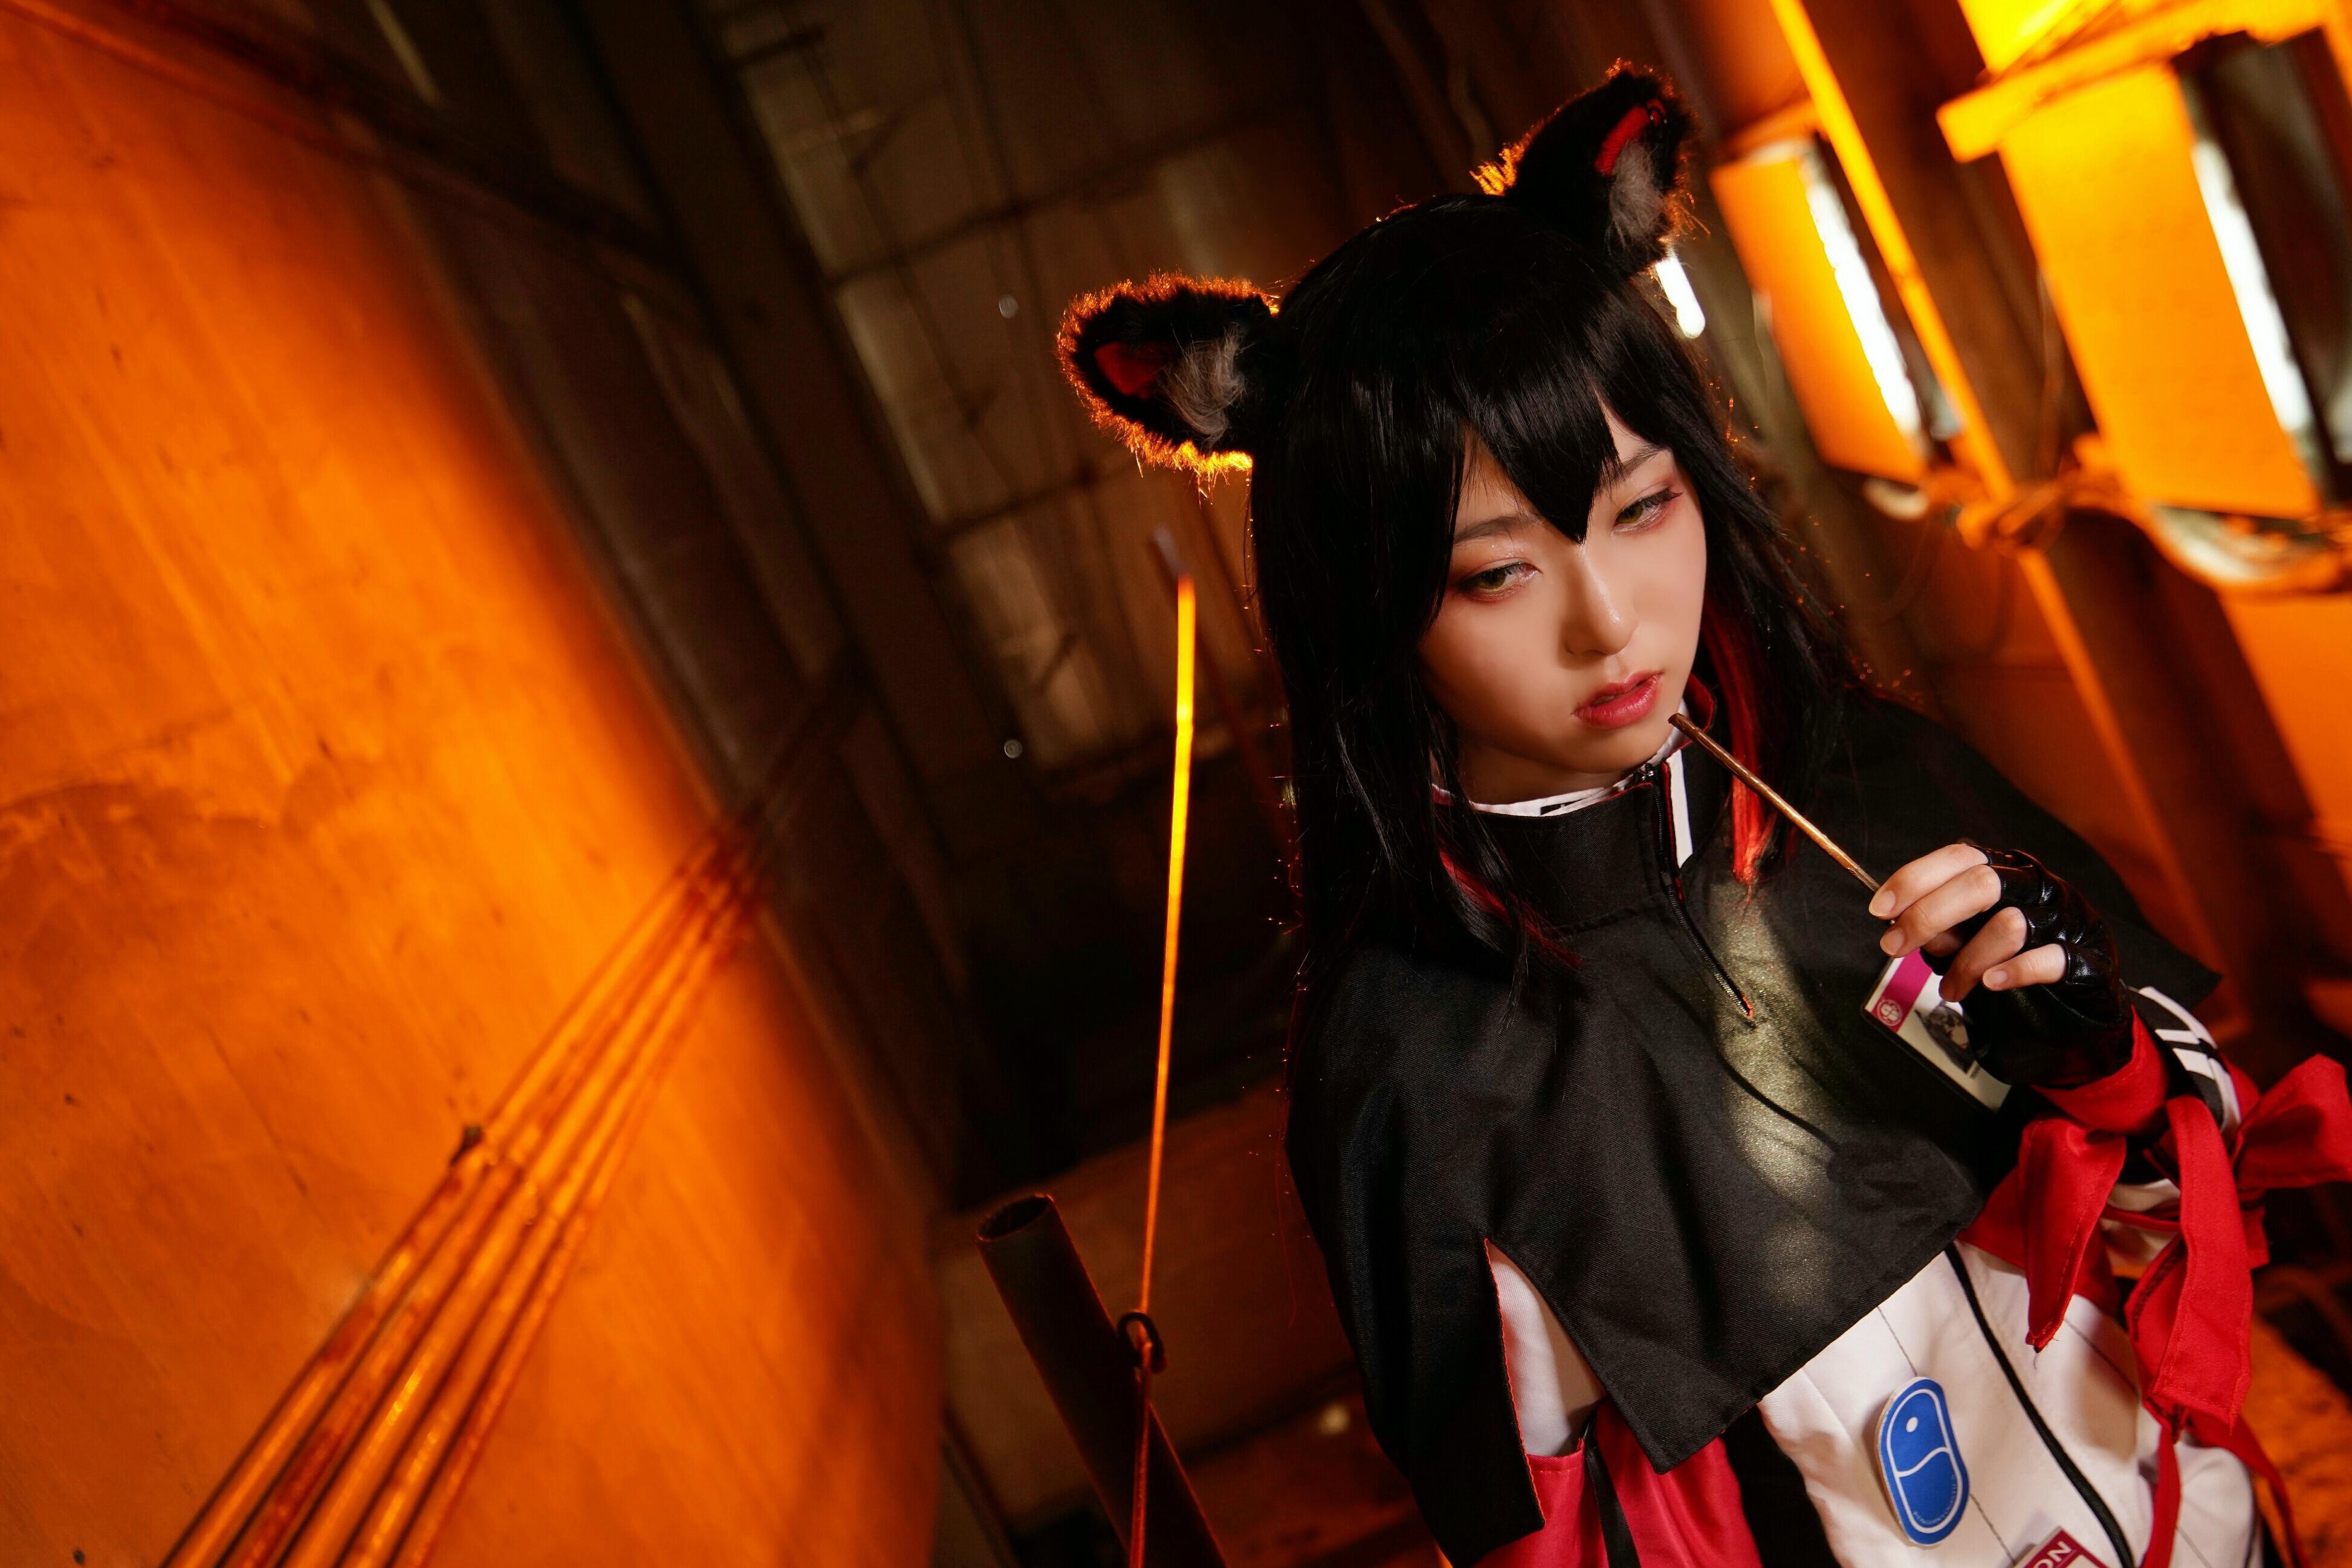 《明日方舟》明日方舟德克萨斯cosplay【CN:YINGO殷果】-第9张